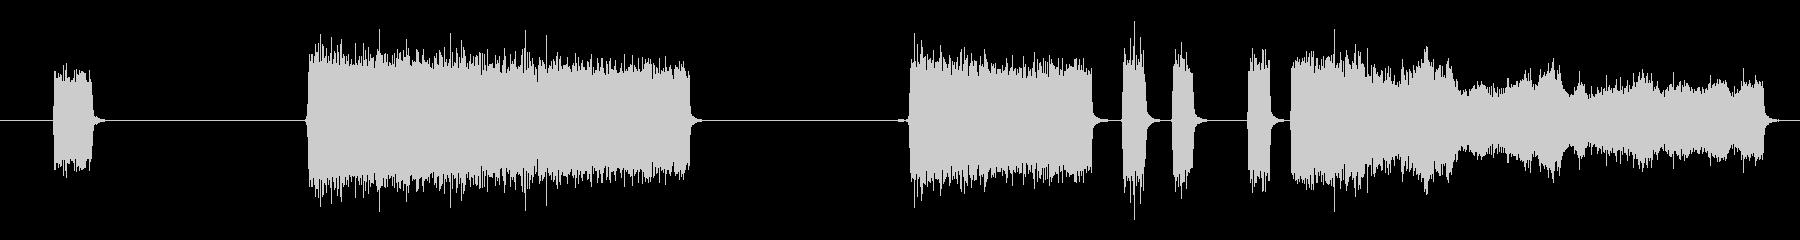 PUFFS、吹く空気、4バージョン...の未再生の波形